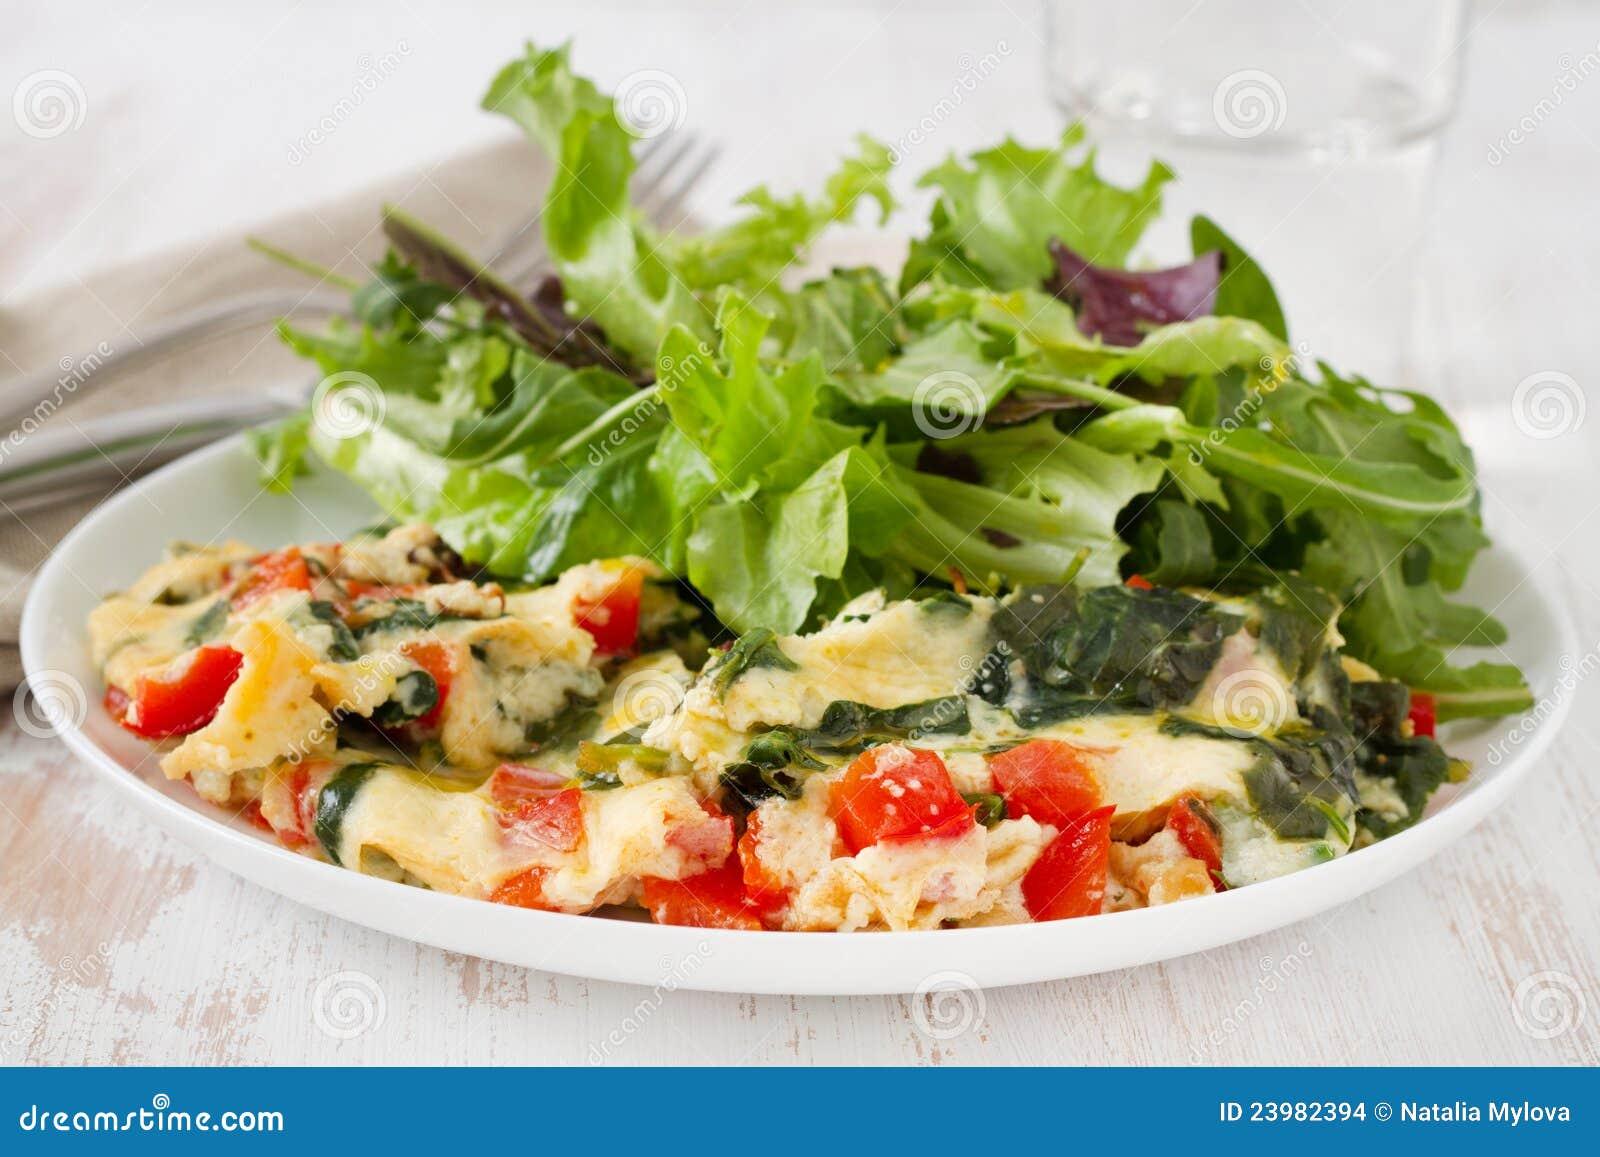 thumbs.dreamstime.com/z/omelette-avec-les-légumes-et-la-salade-23982394.jpg